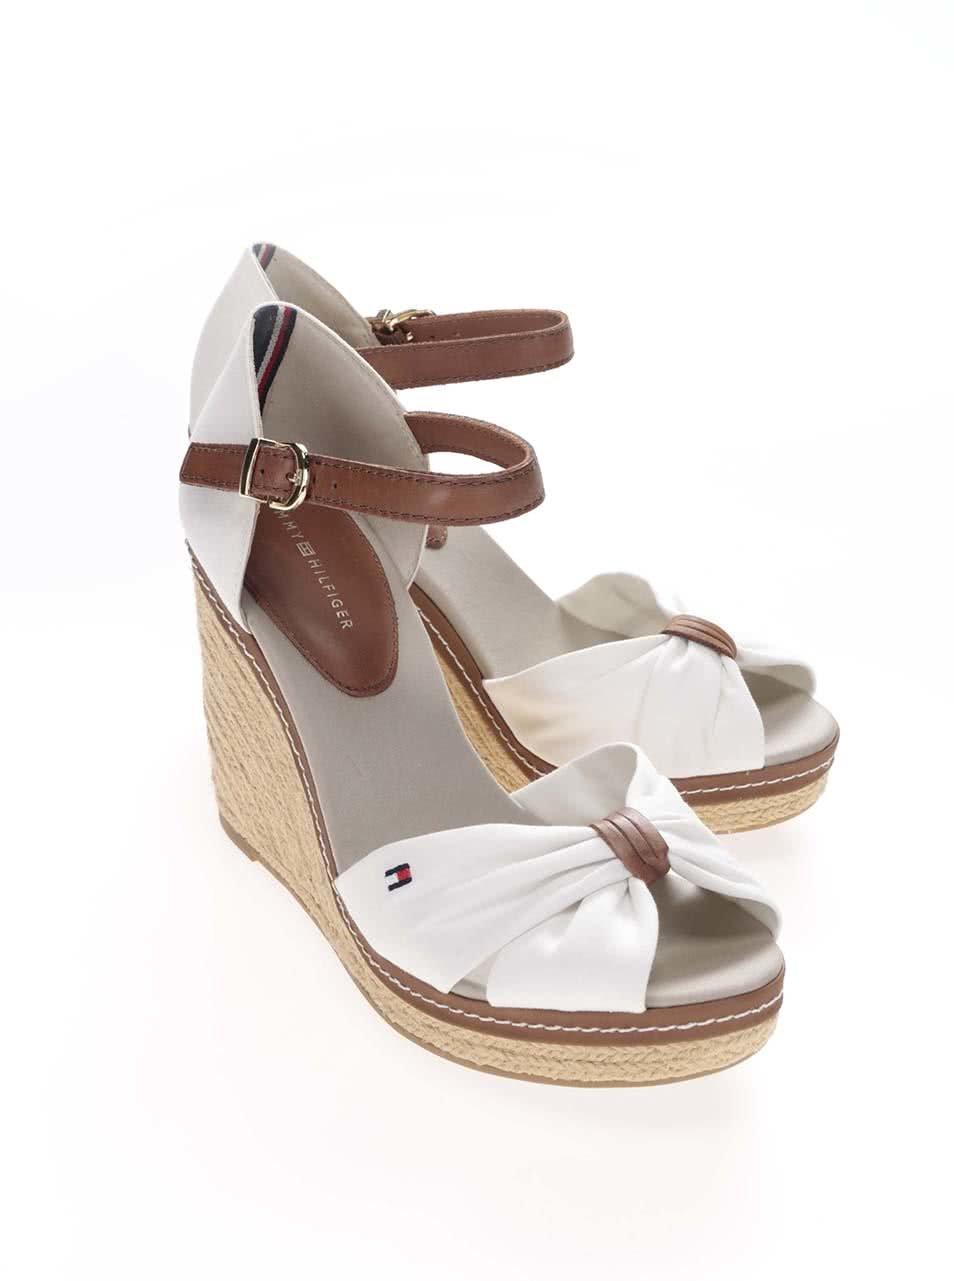 Biele dámske topánky na platforme Tommy Hilfiger ... 22f8128e99f